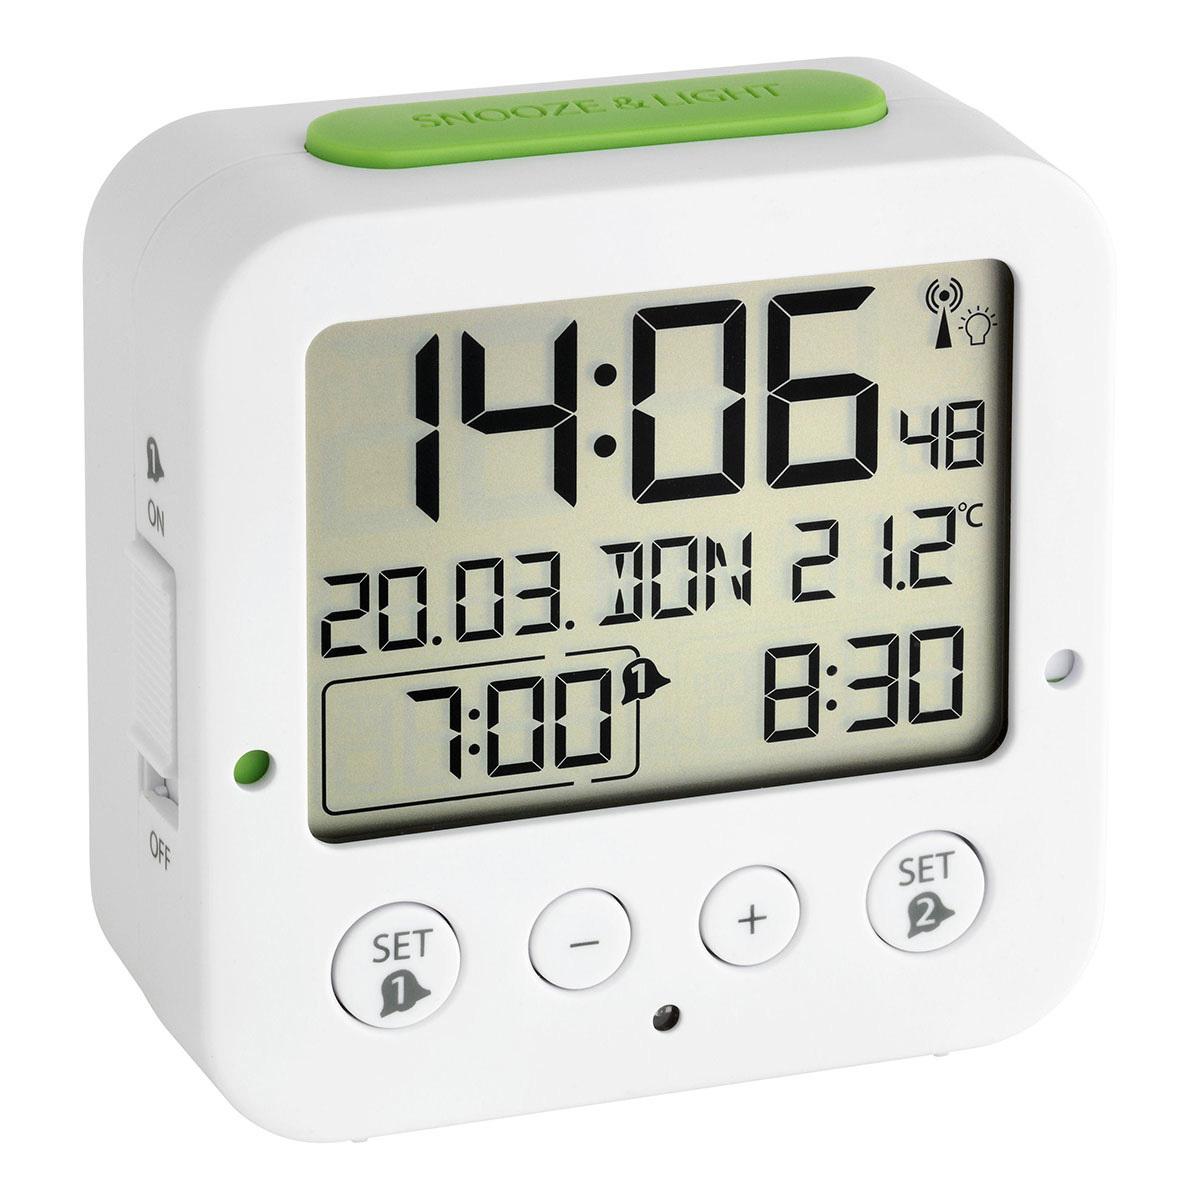 60-2528-02-digitaler-funk-wecker-mit-temperatur-bingo-1200x1200px.jpg